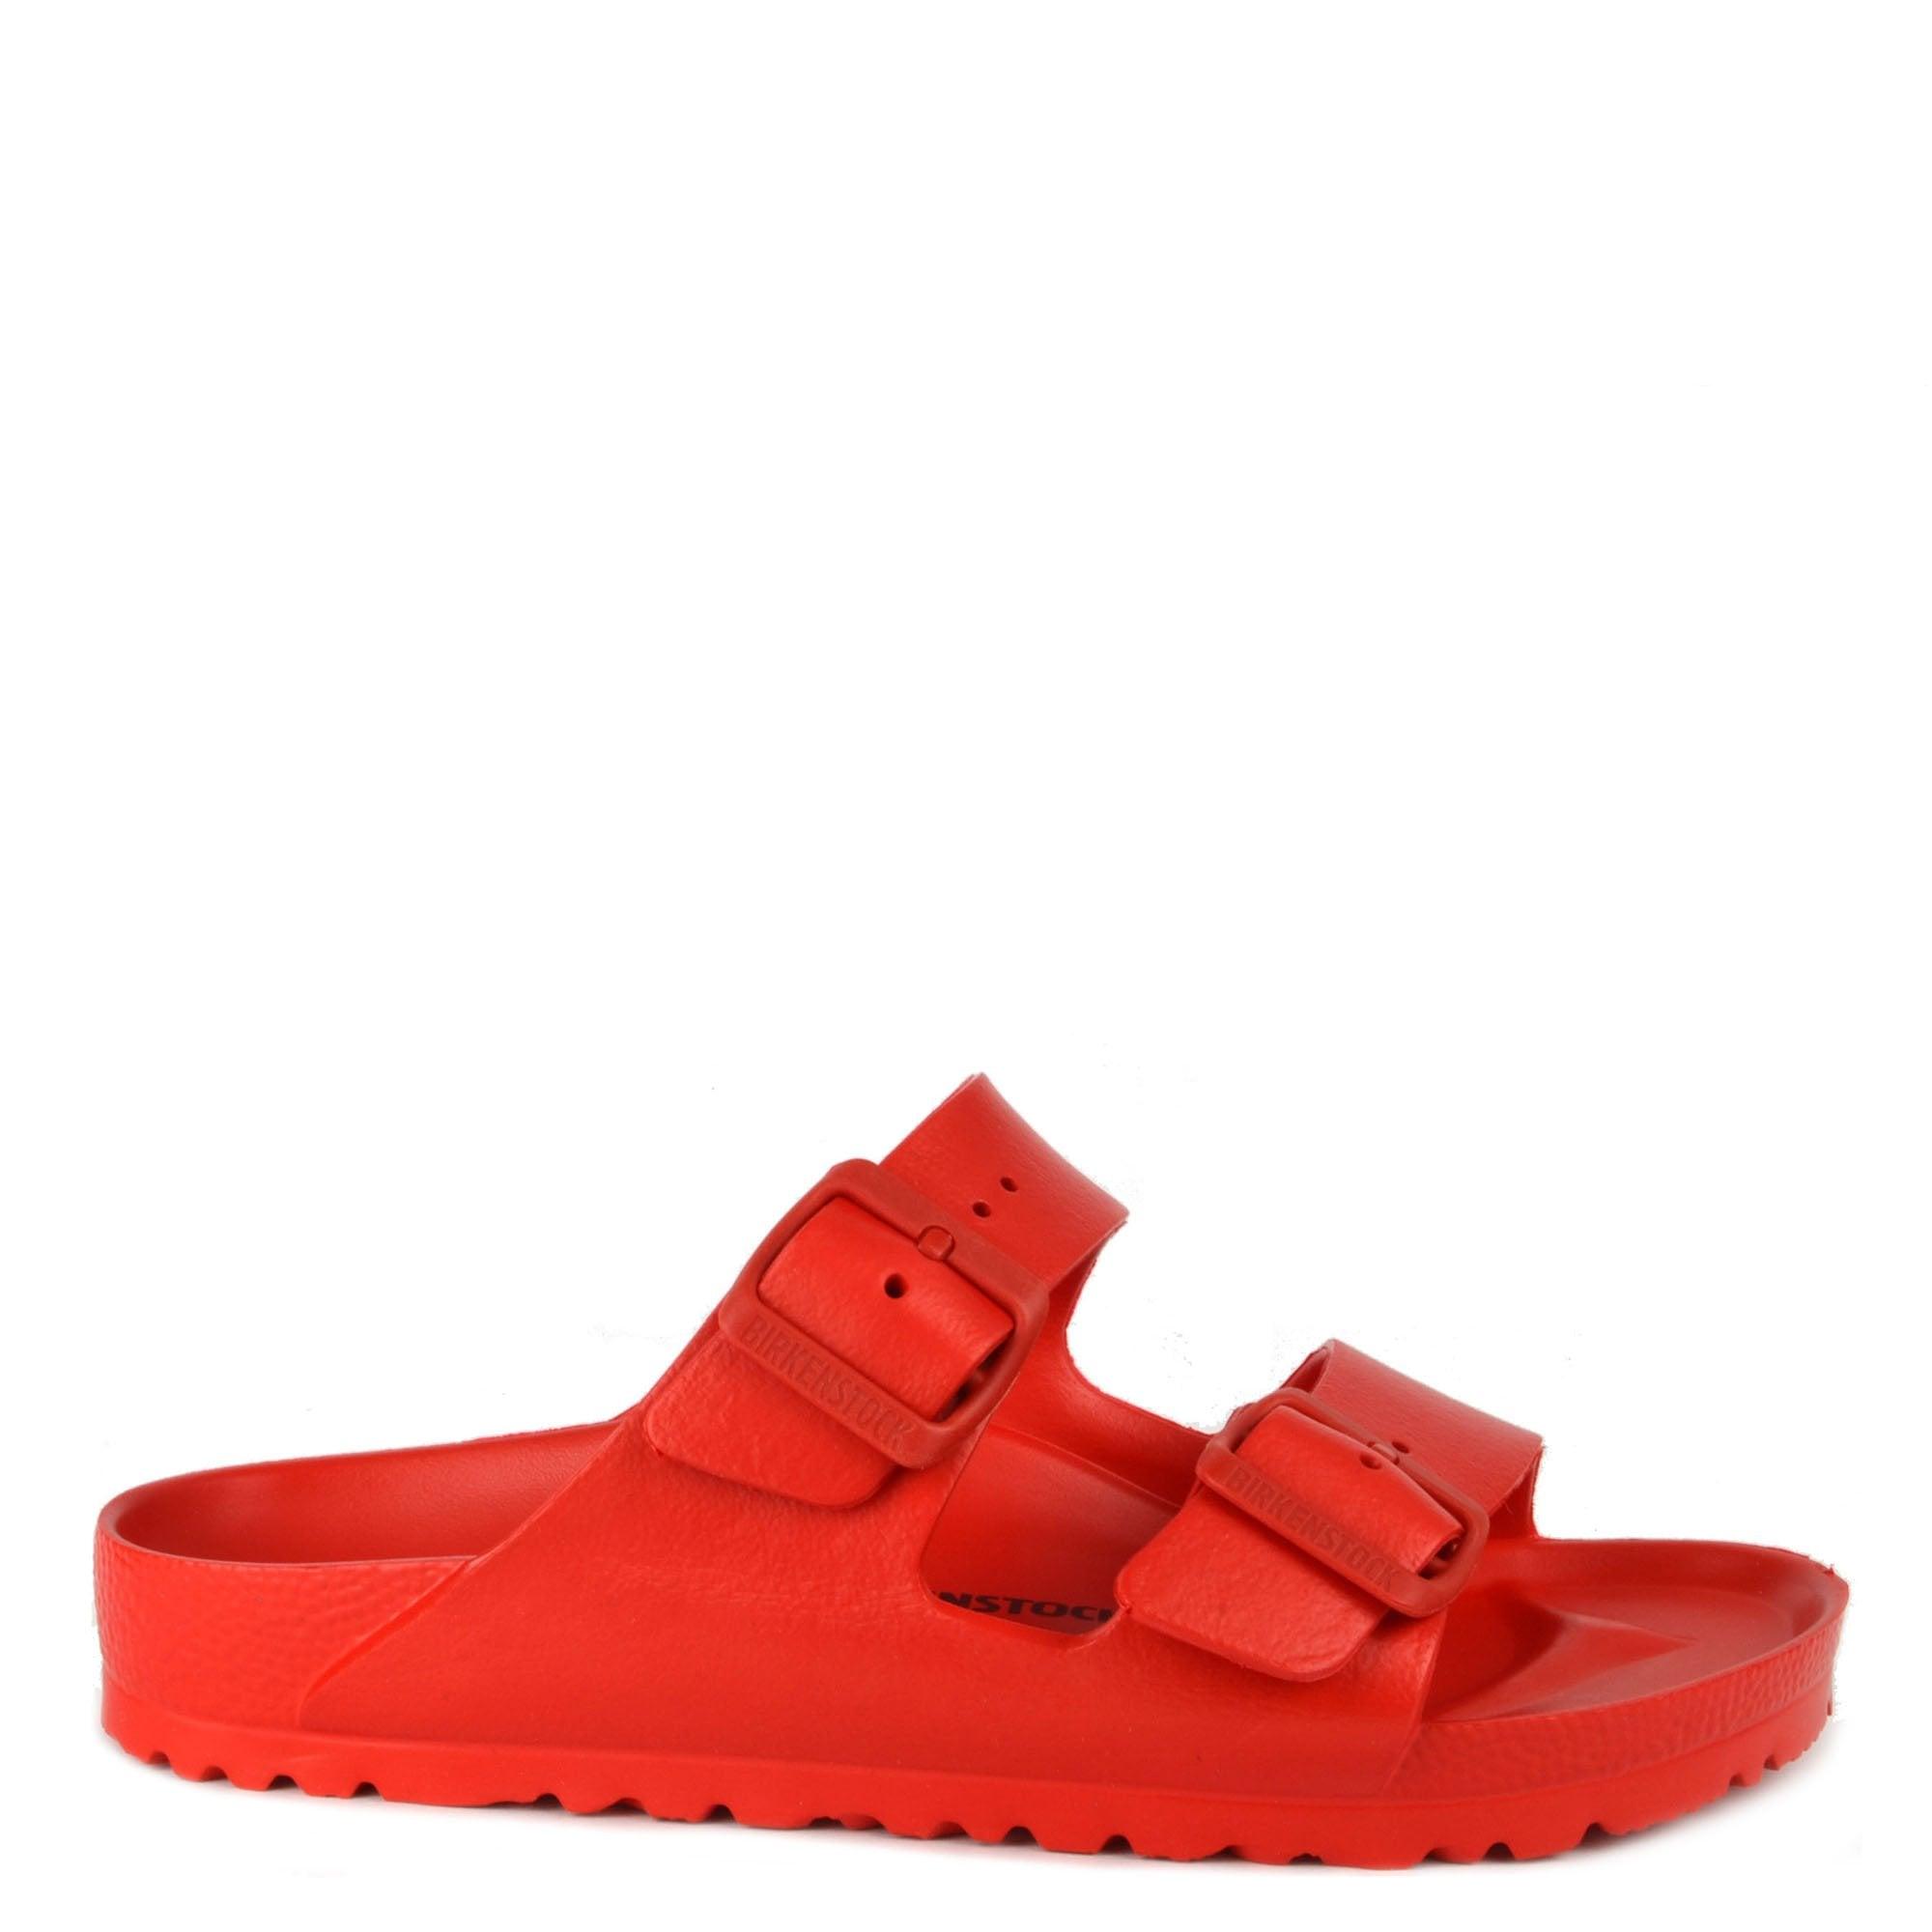 Birkenstock Arizona EVA Sandals in